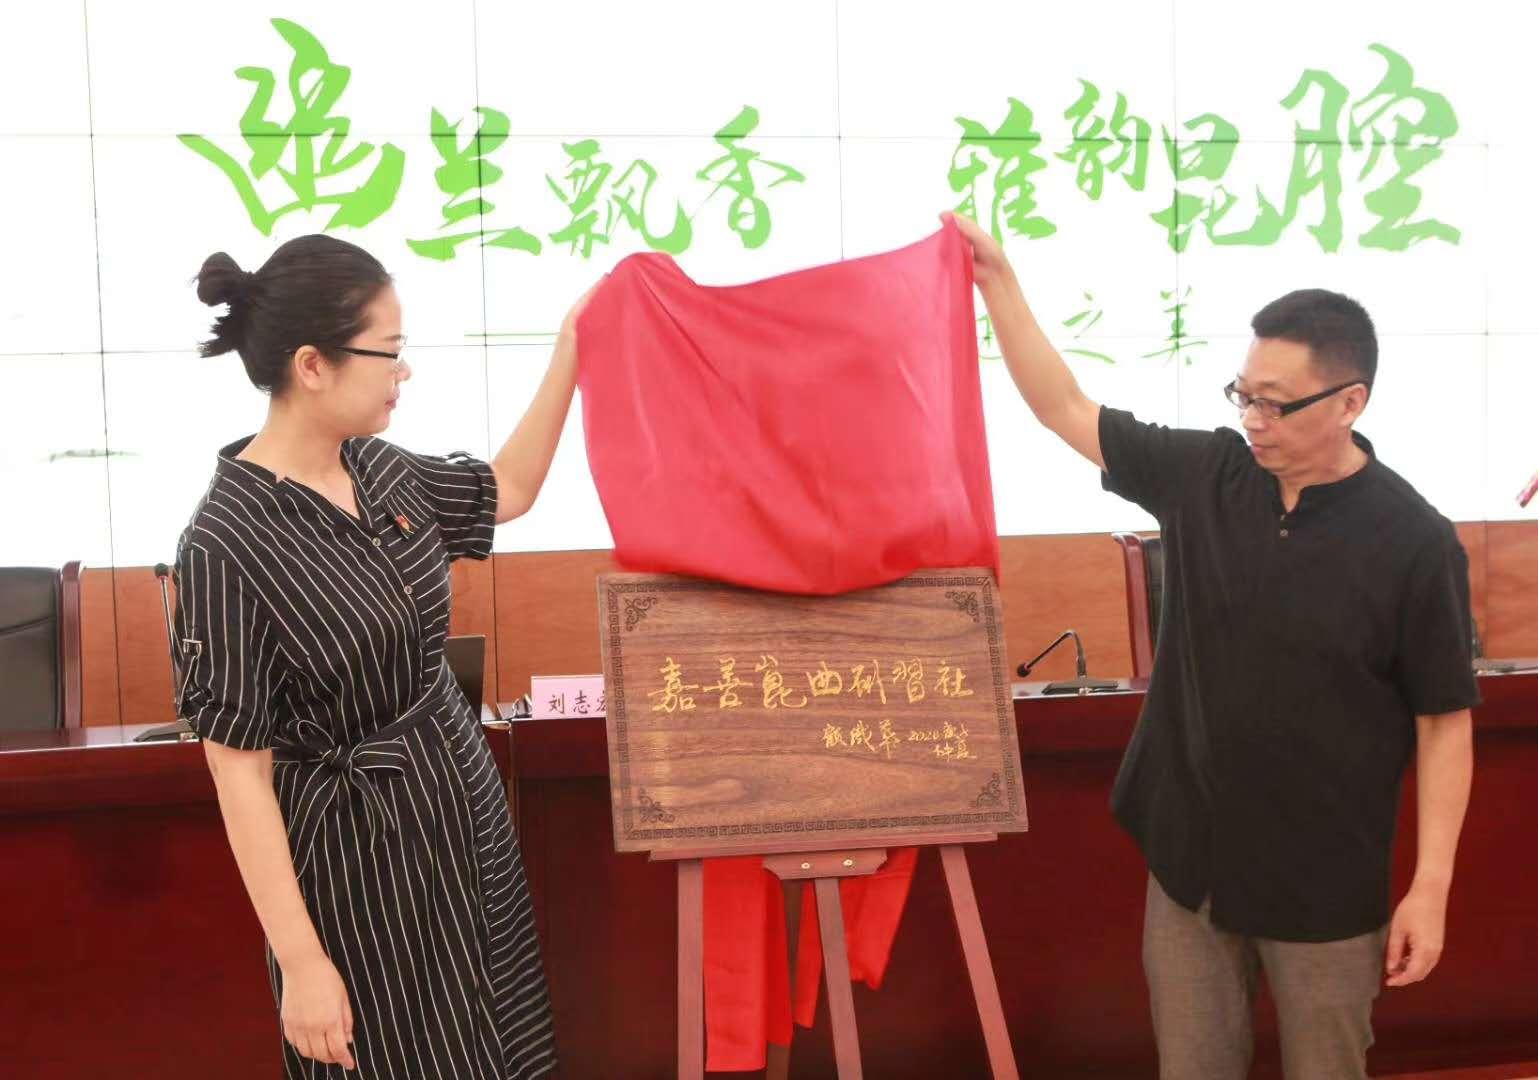 嘉善昆曲研习社在魏塘中建立